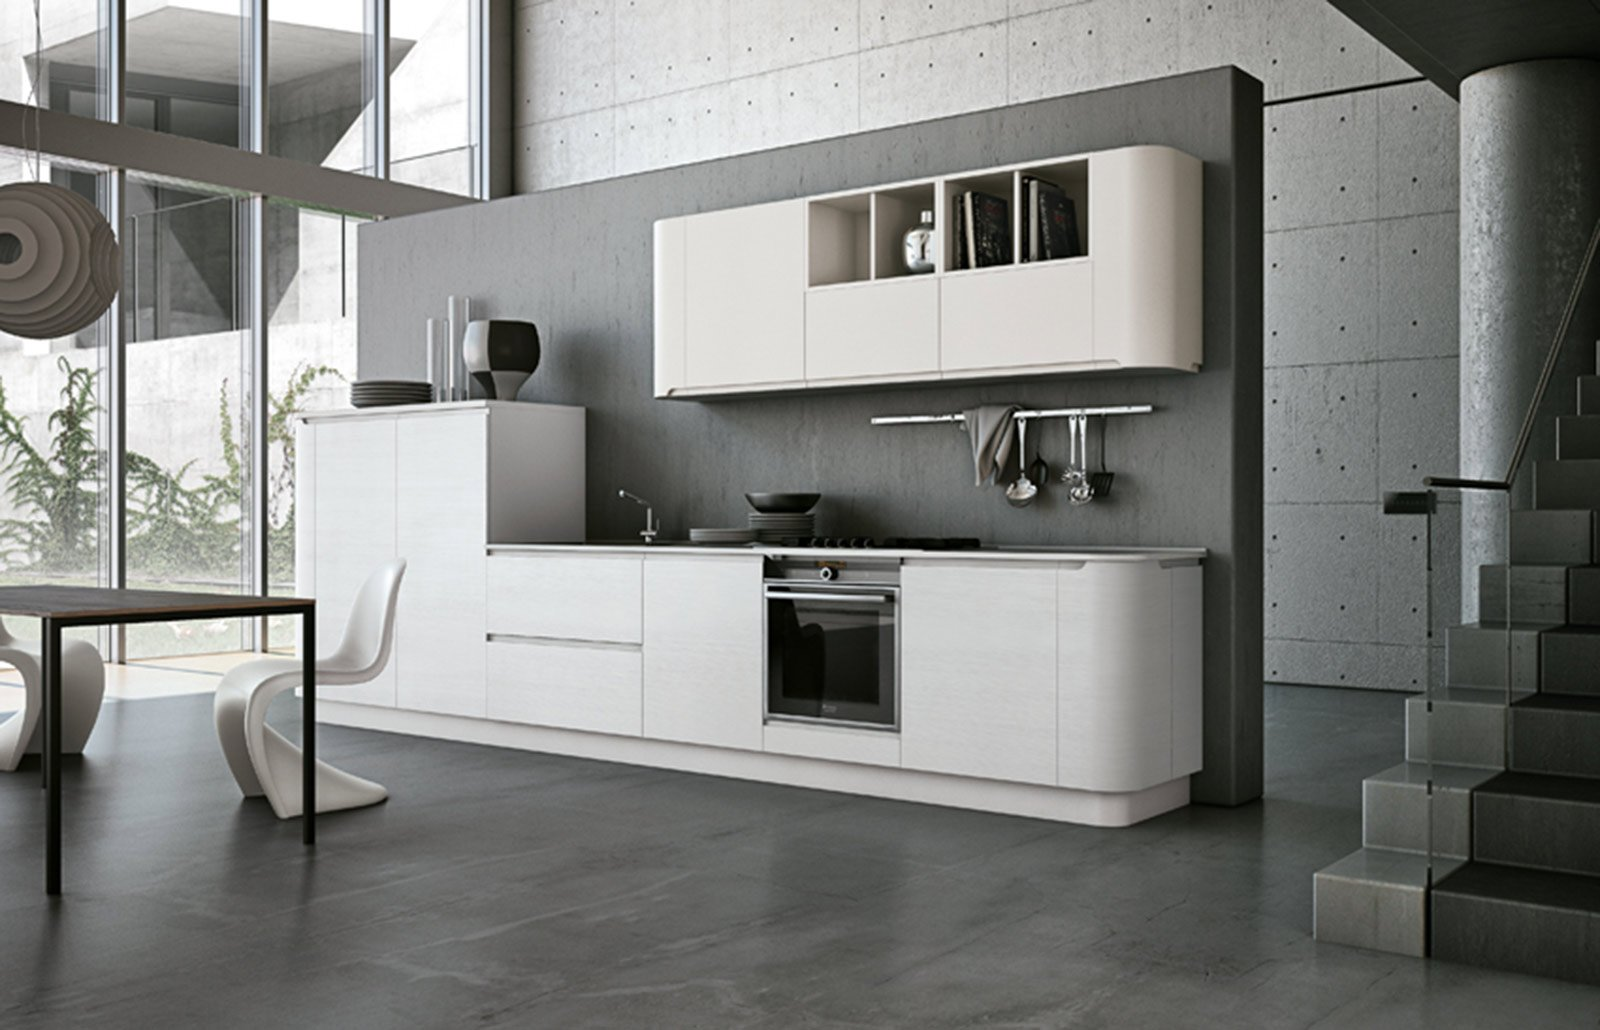 Cucine in laminato cose di casa for Ambientazioni case moderne